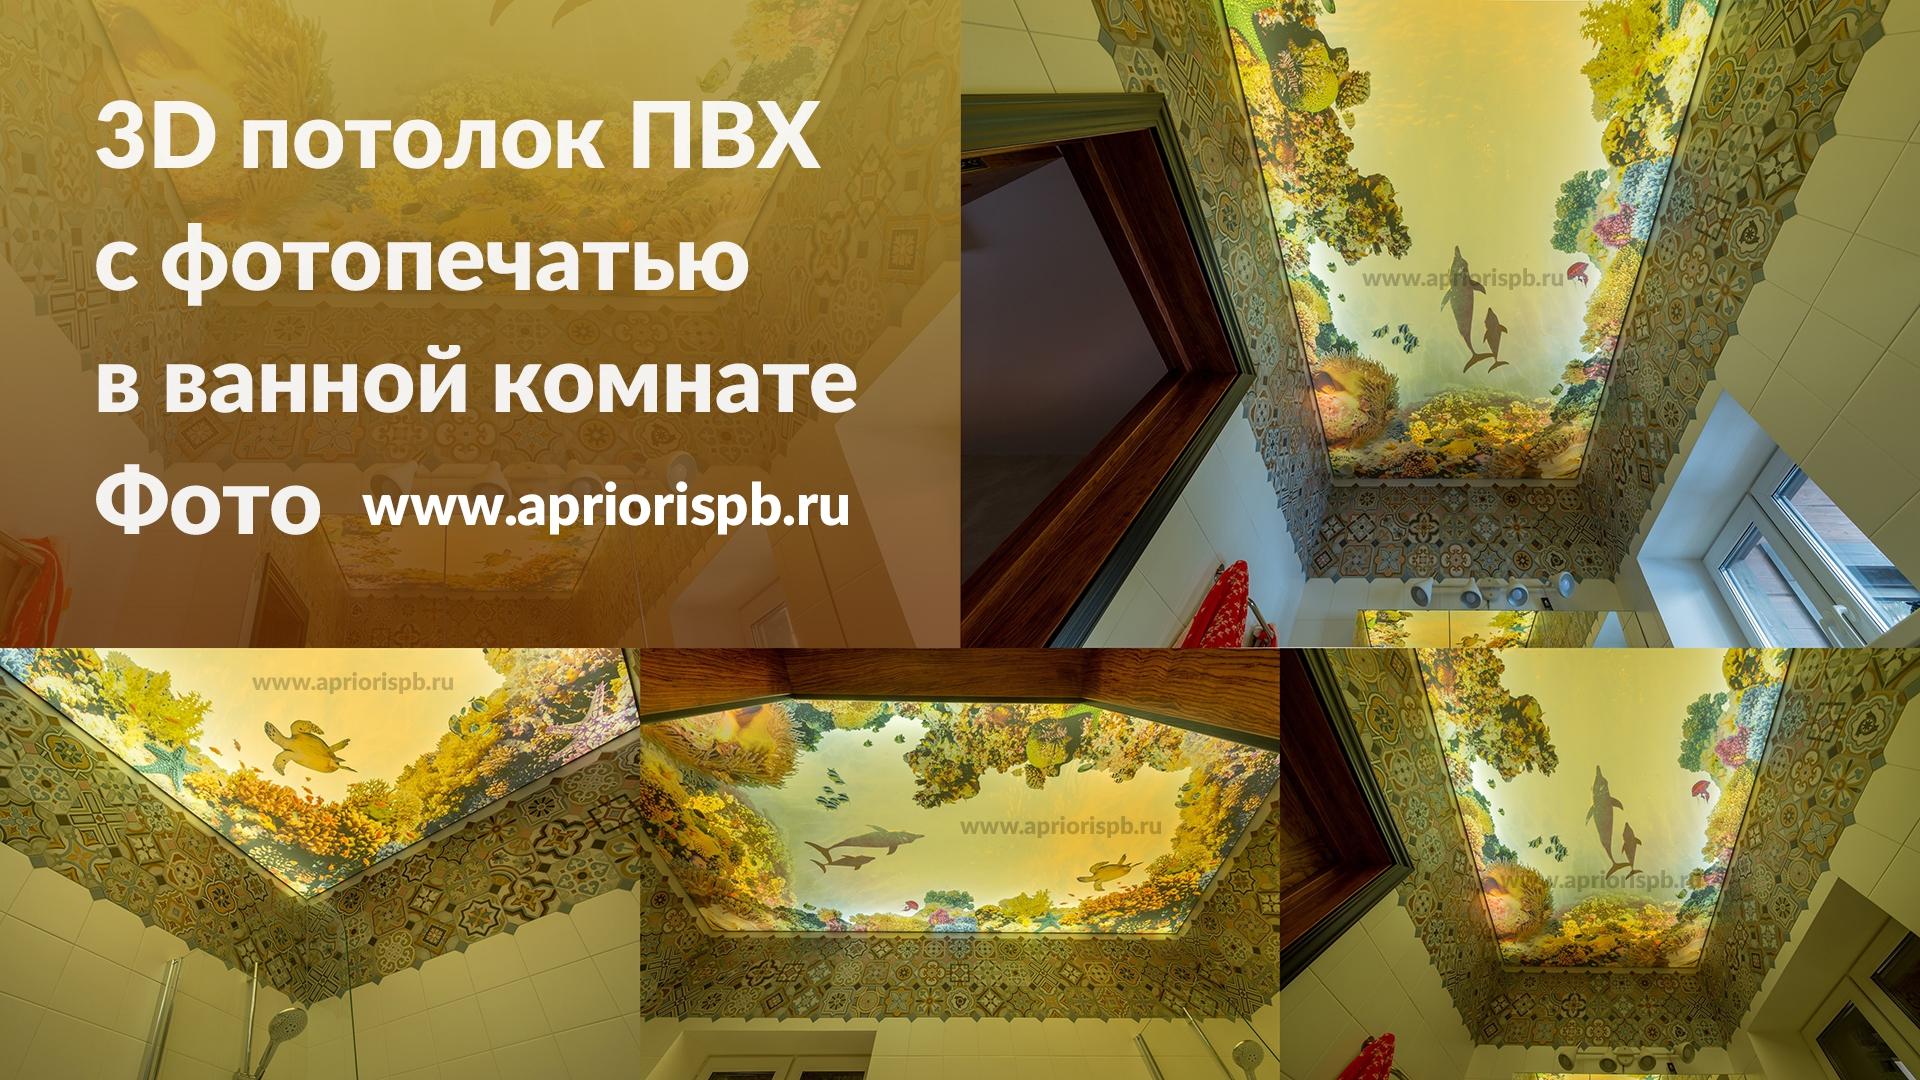 Натяжные потолки с фотопечатью. Фото потолков с рисунками - Фантэс | 1080x1920